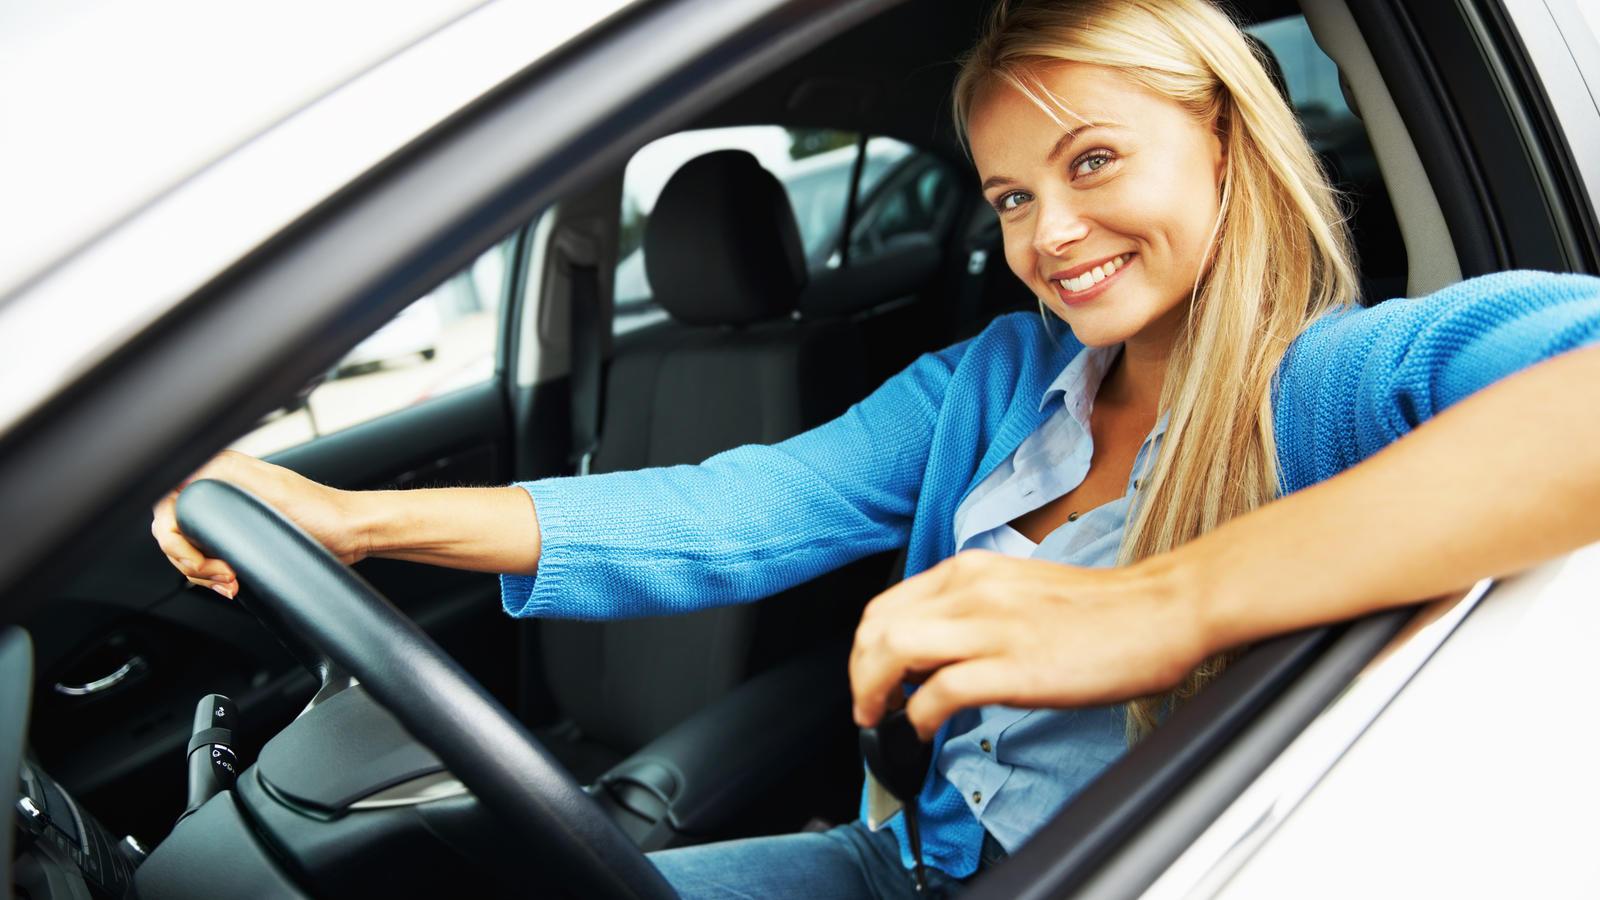 Wer bis zum 30. November seine Kfz-Versicherung wechselt, kann ordentlich Geld sparen.